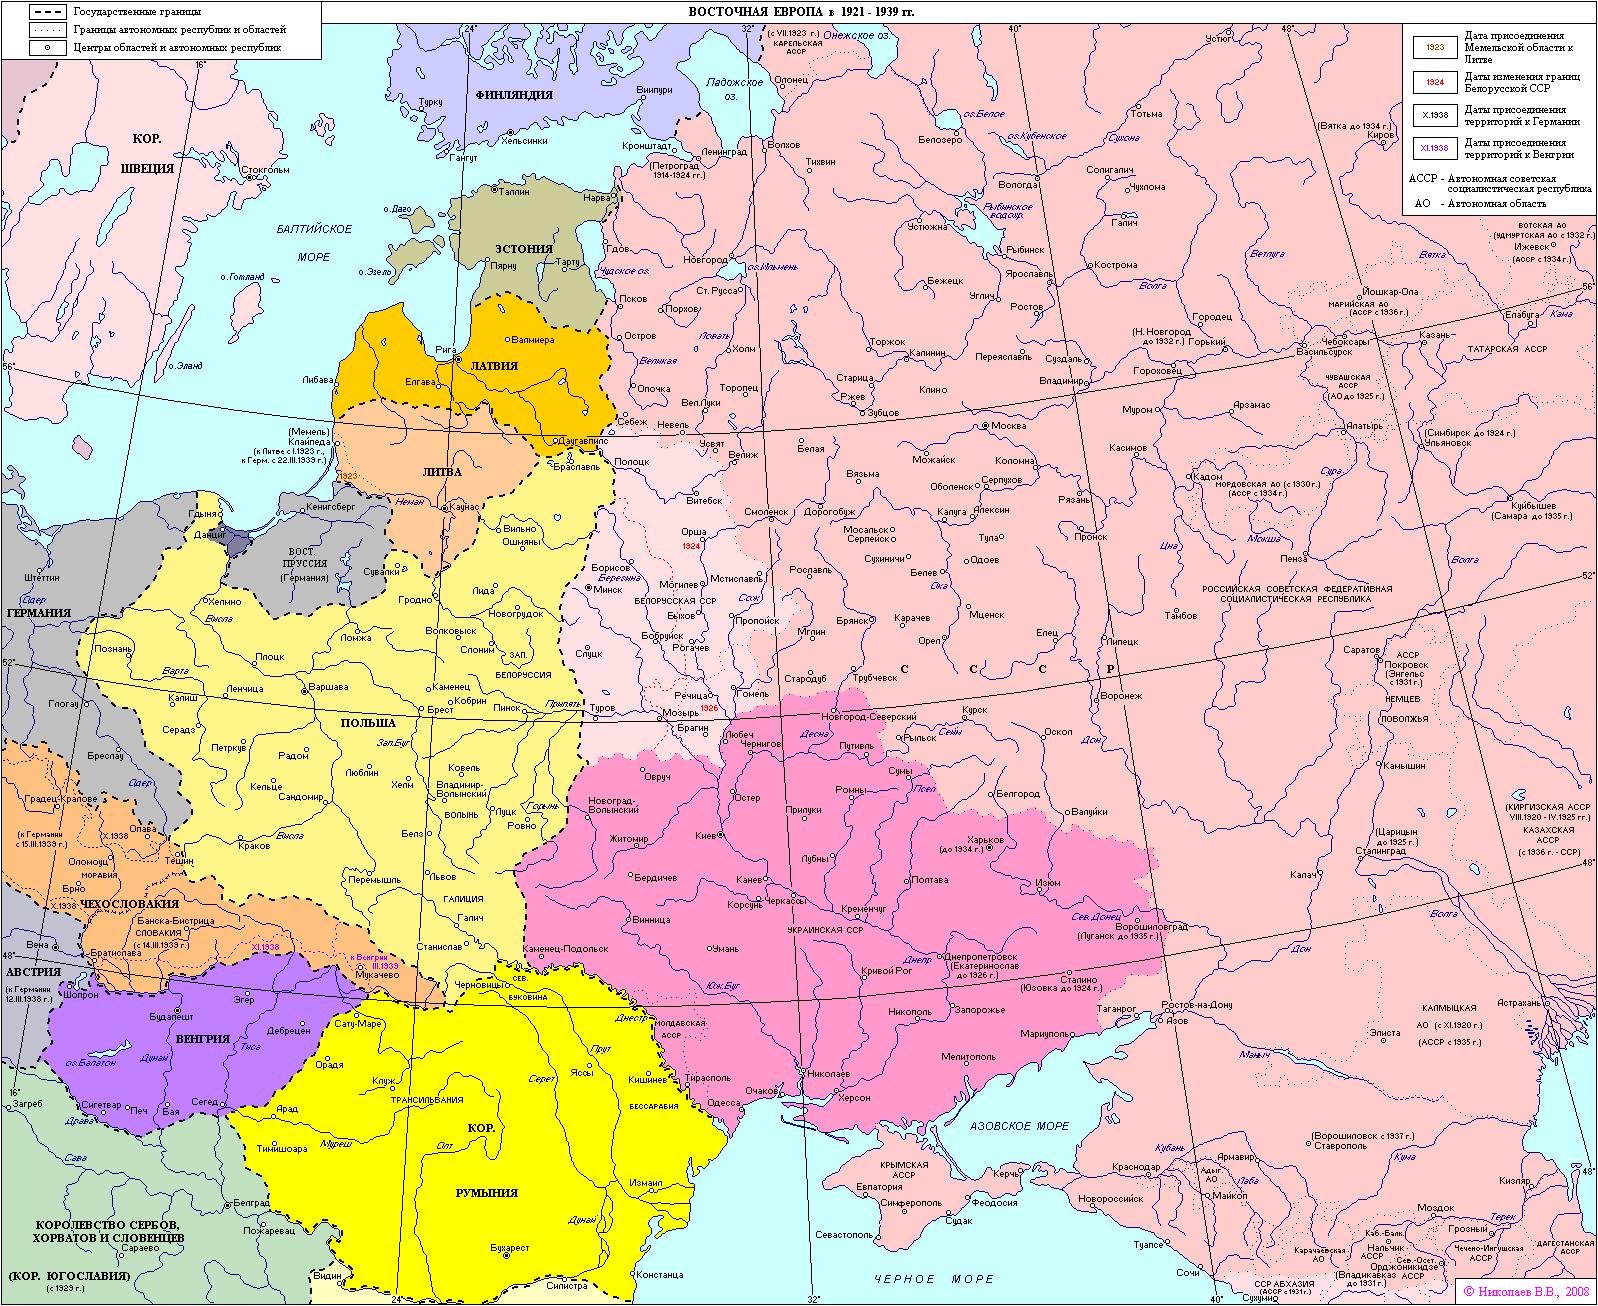 Восточная Европа в 1921 - 1939 гг - Клуб учителей истории.